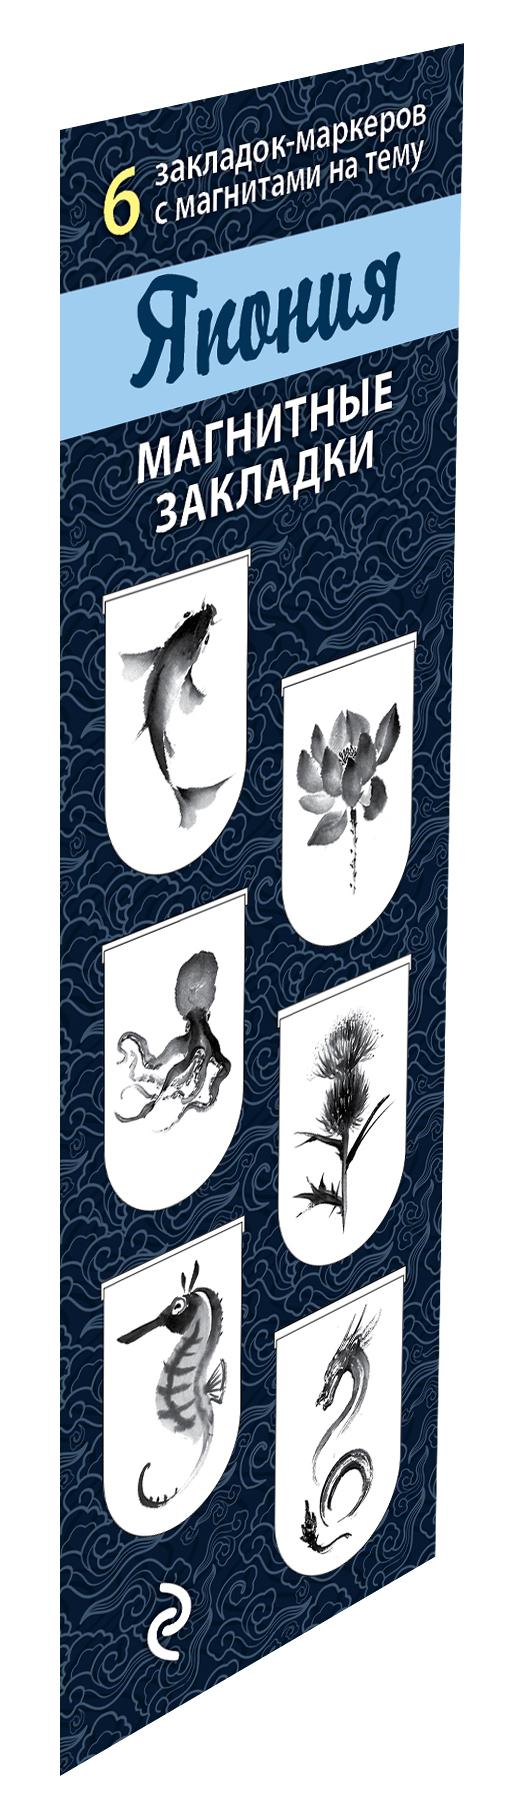 Магнитные закладки. Япония (6 закладок полукругл.) магнитные закладки совы сладкое утро 6 закладок полукругл